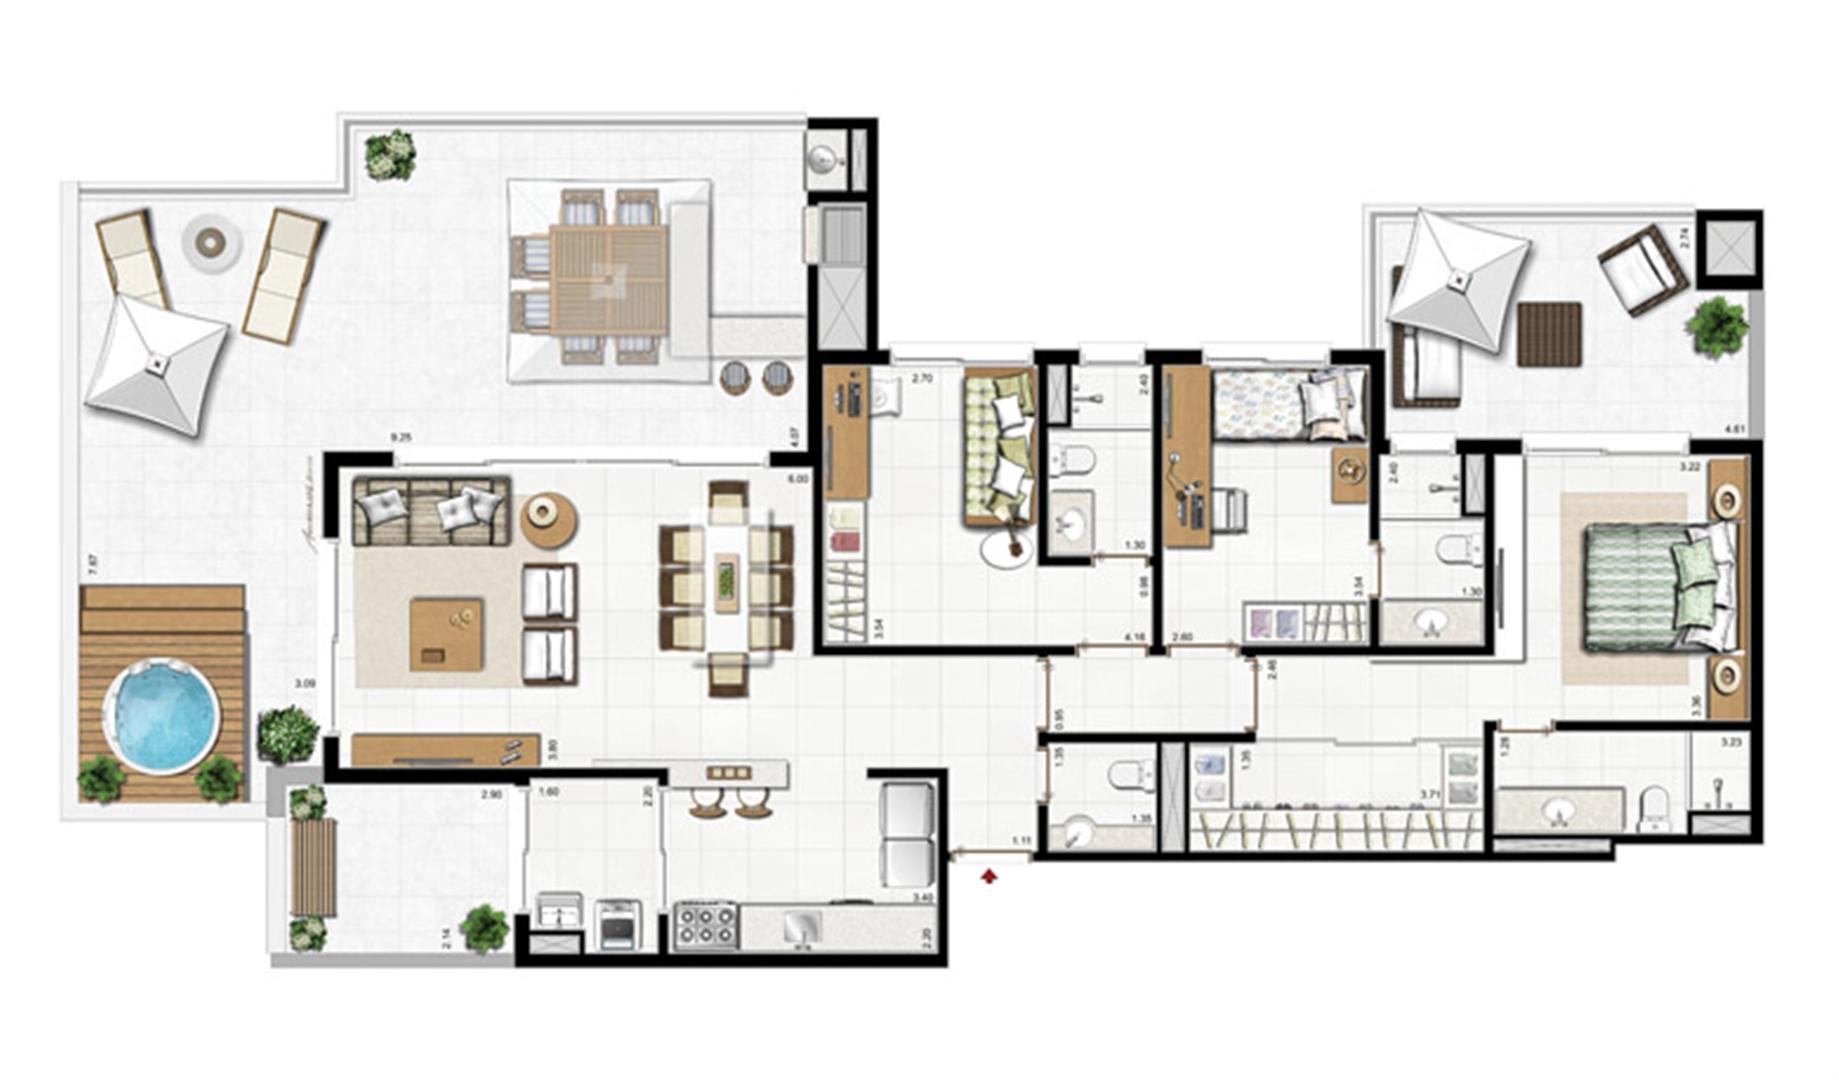 2 dorm com suíte   Planta padrão  78 m² privativos 115 m² de área total    Visionnaire – Apartamento no  Abraão - Florianópolis - Santa Catarina